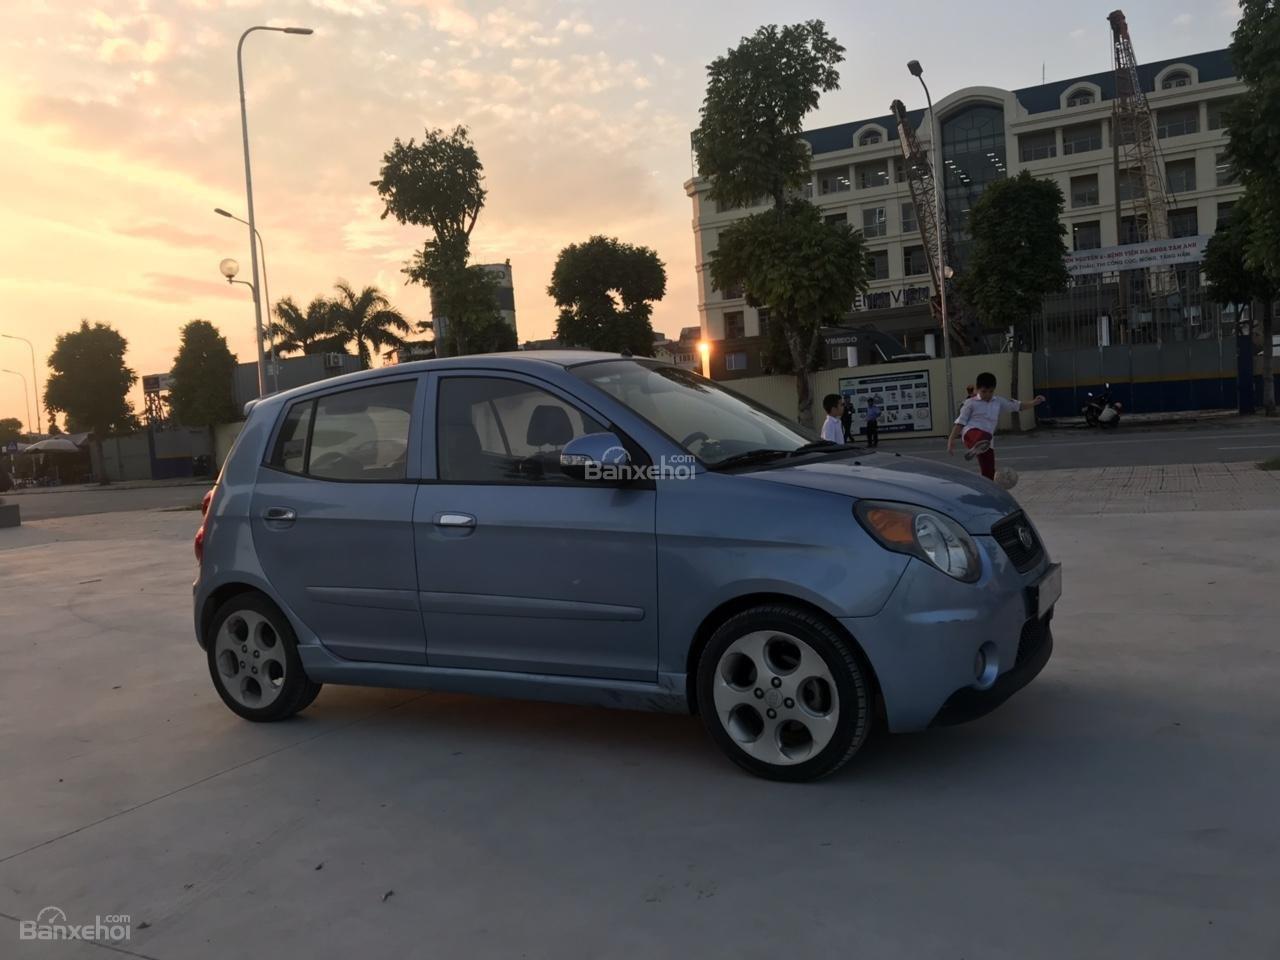 Bán Kia Morning 2008, màu xanh, nhập khẩu, chính chủ giá tốt - Mr Quân 094 711 6996-0